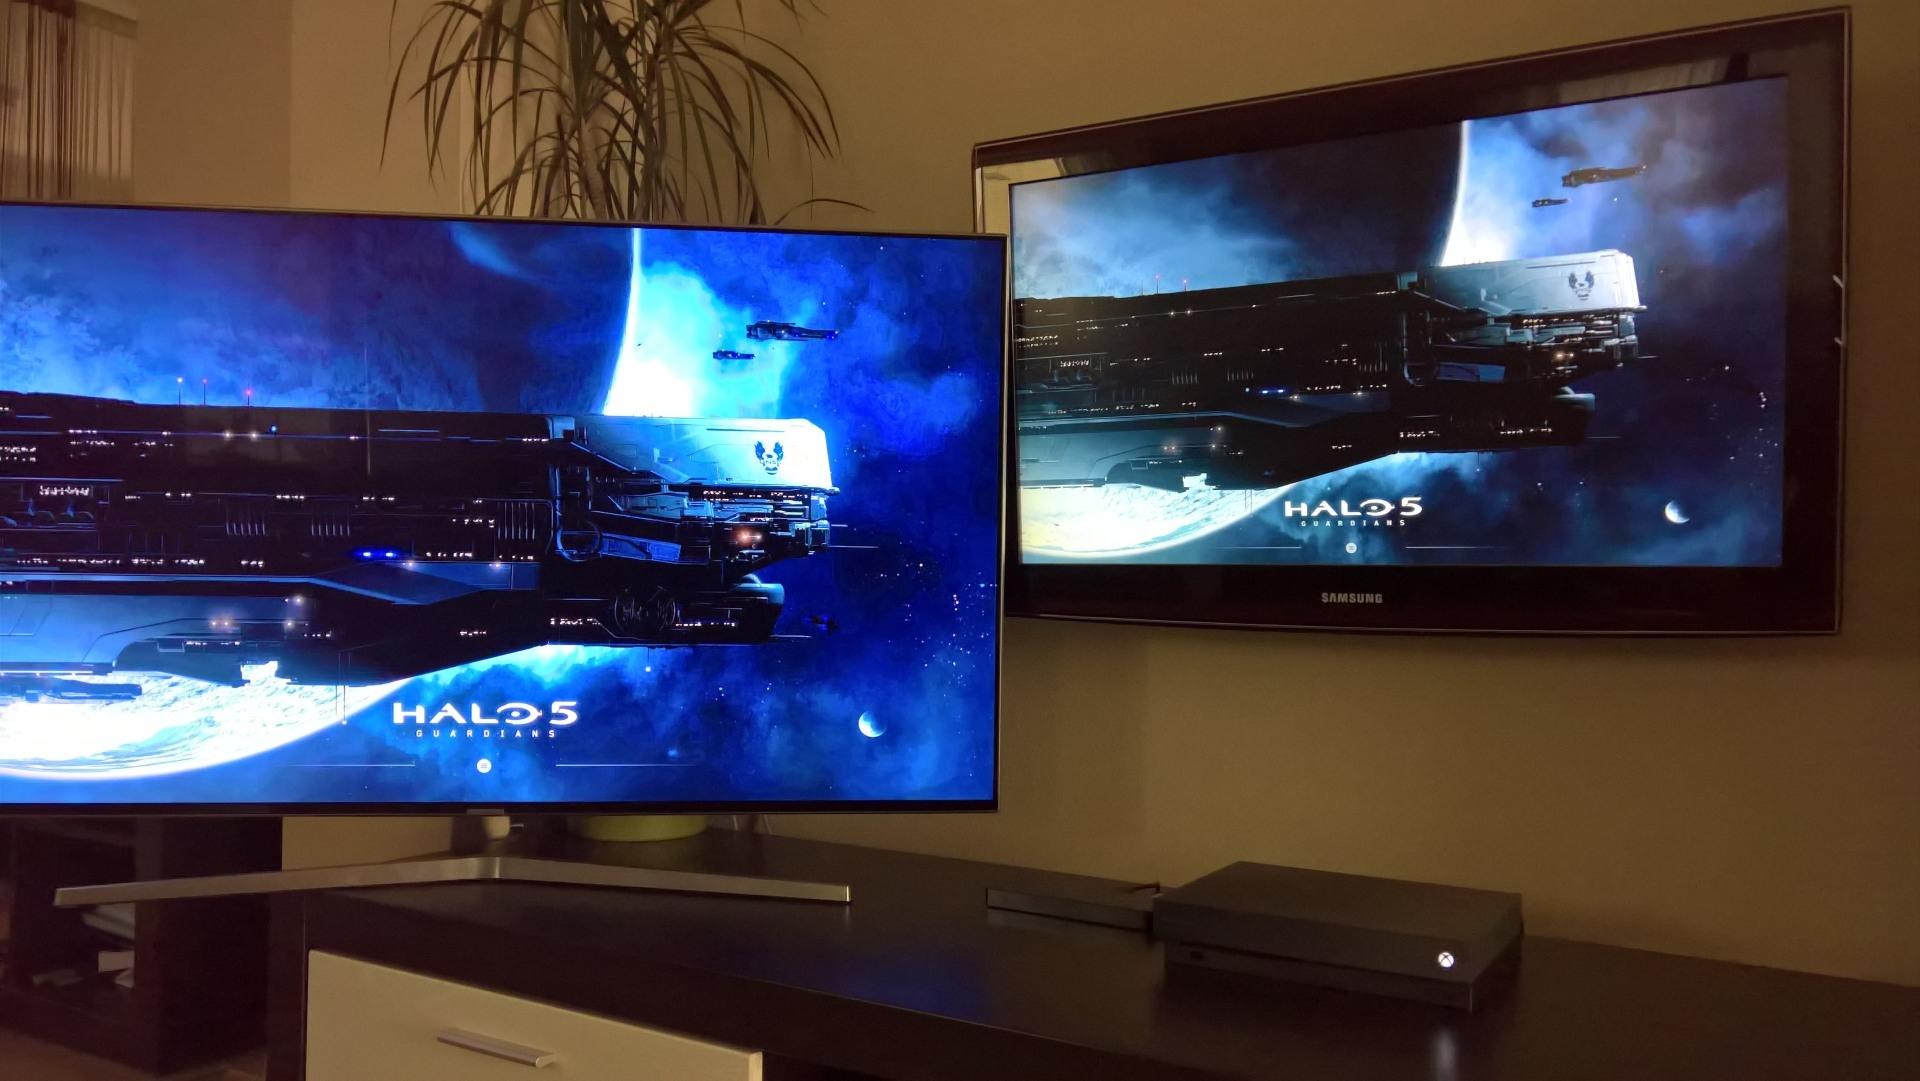 fca378347 Porovnanie ôsmich rokov evolúcie Samsungu, skok z 1080p na 4K HDR.